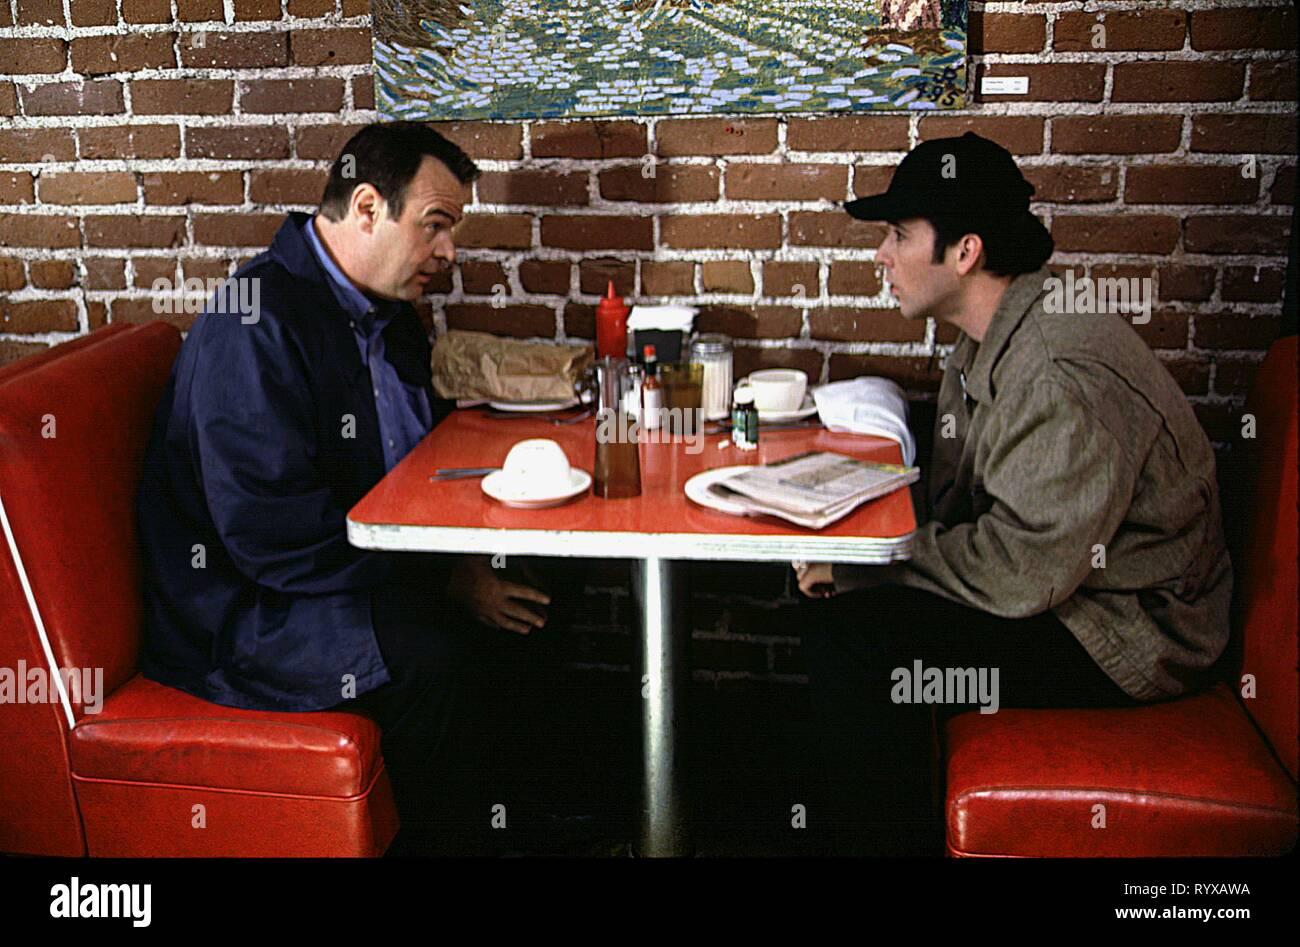 DAN AYKROYD, JOHN CUSACK, GROSSE POINTE BLANK, 1997 - Stock Image